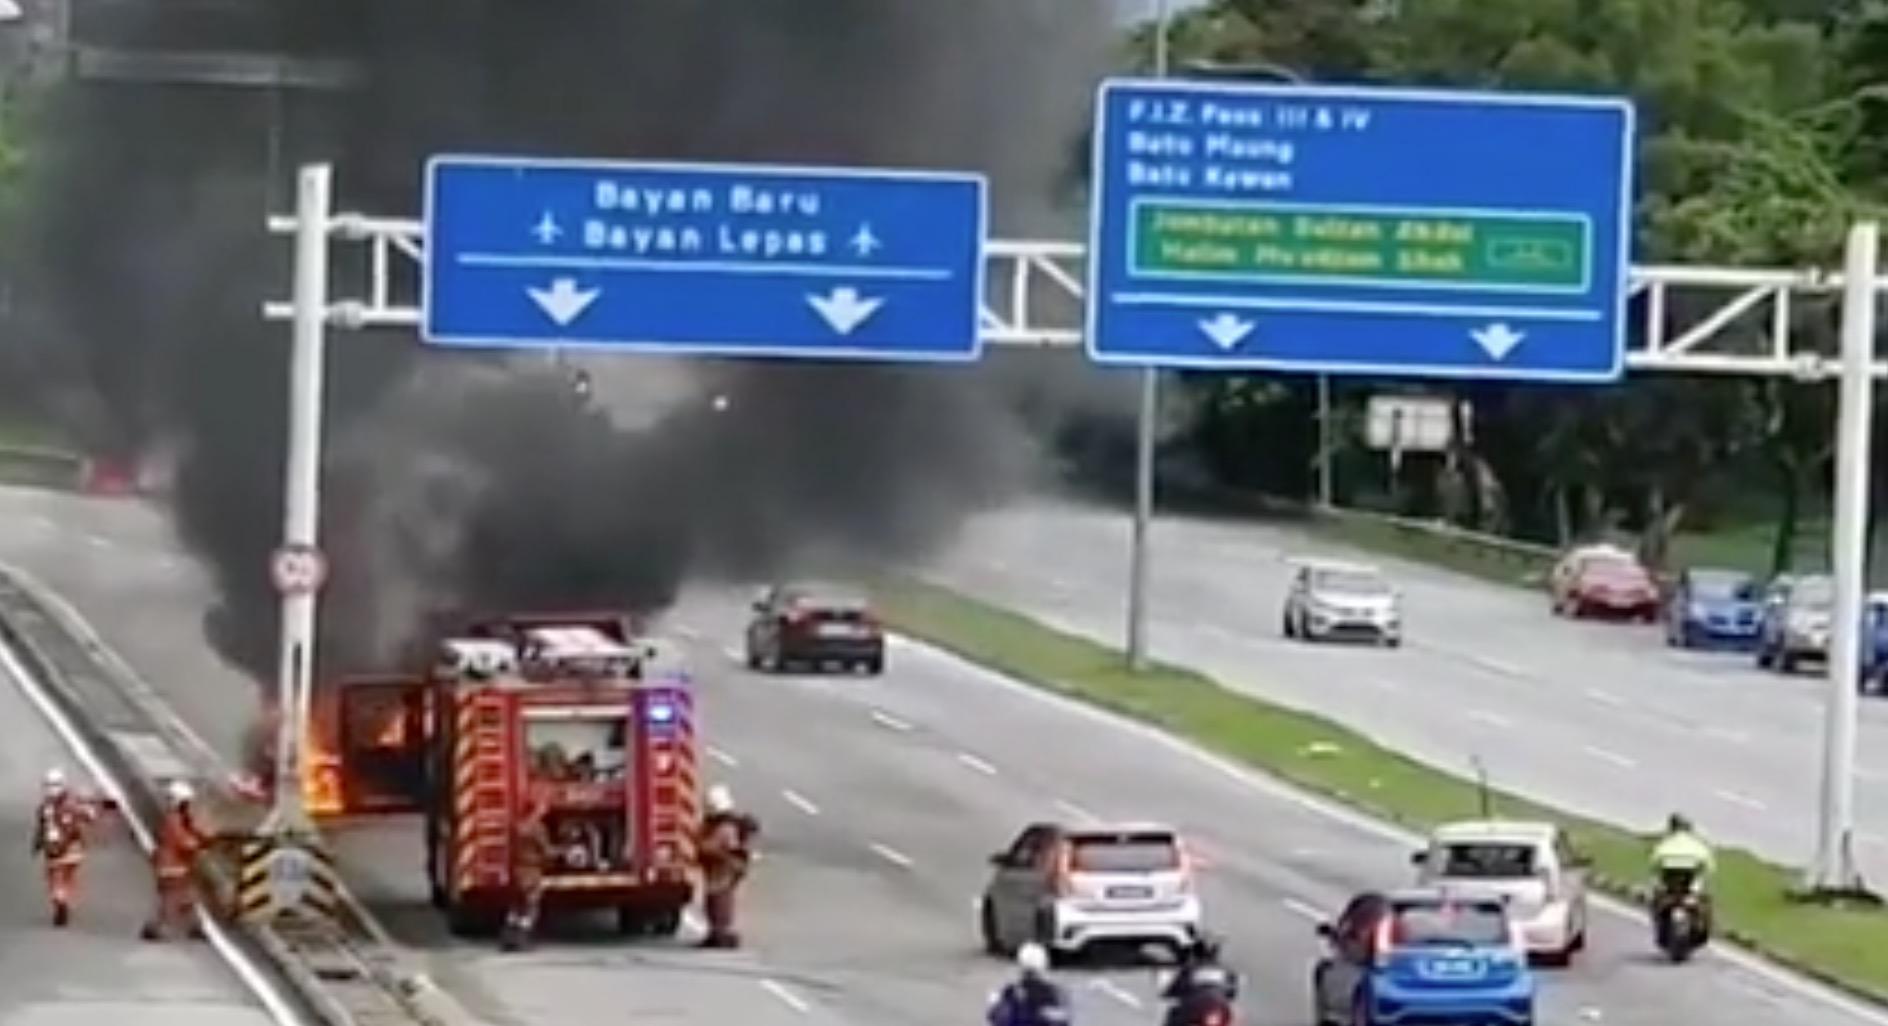 Pessime idee: fermarsi a guardare un incidente [Video] - Quotidiano Motori